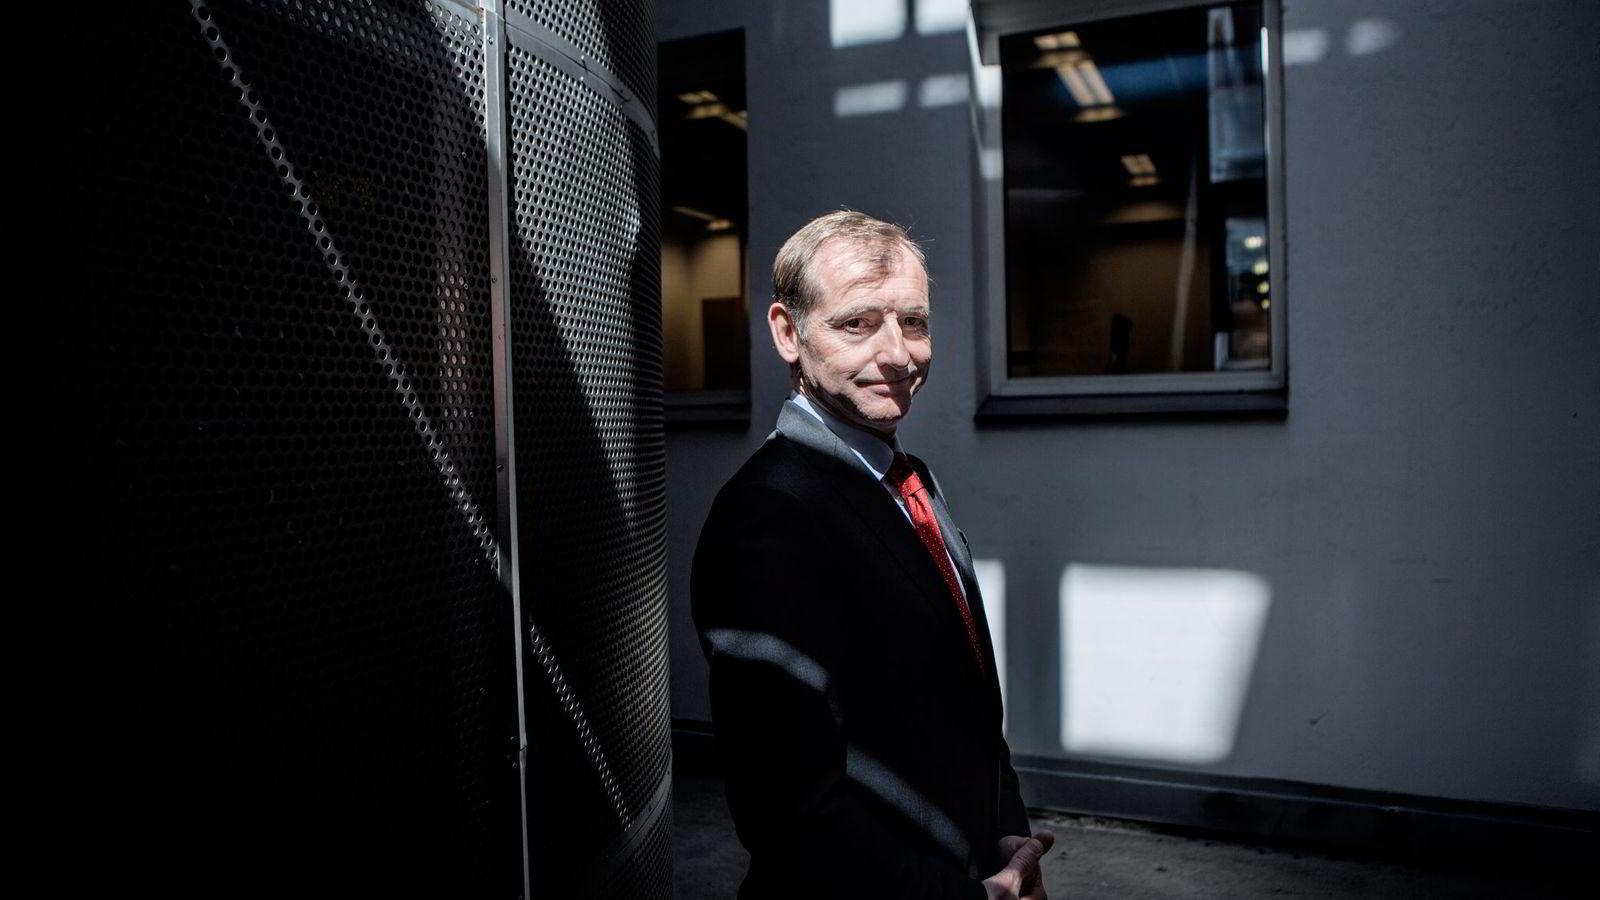 Administrerende direktør Carl O. Geving i Norges Eiendomsmeglerforbund mener boligspekulanter driver prisene oppover. Foto: Fredrik Bjerknes